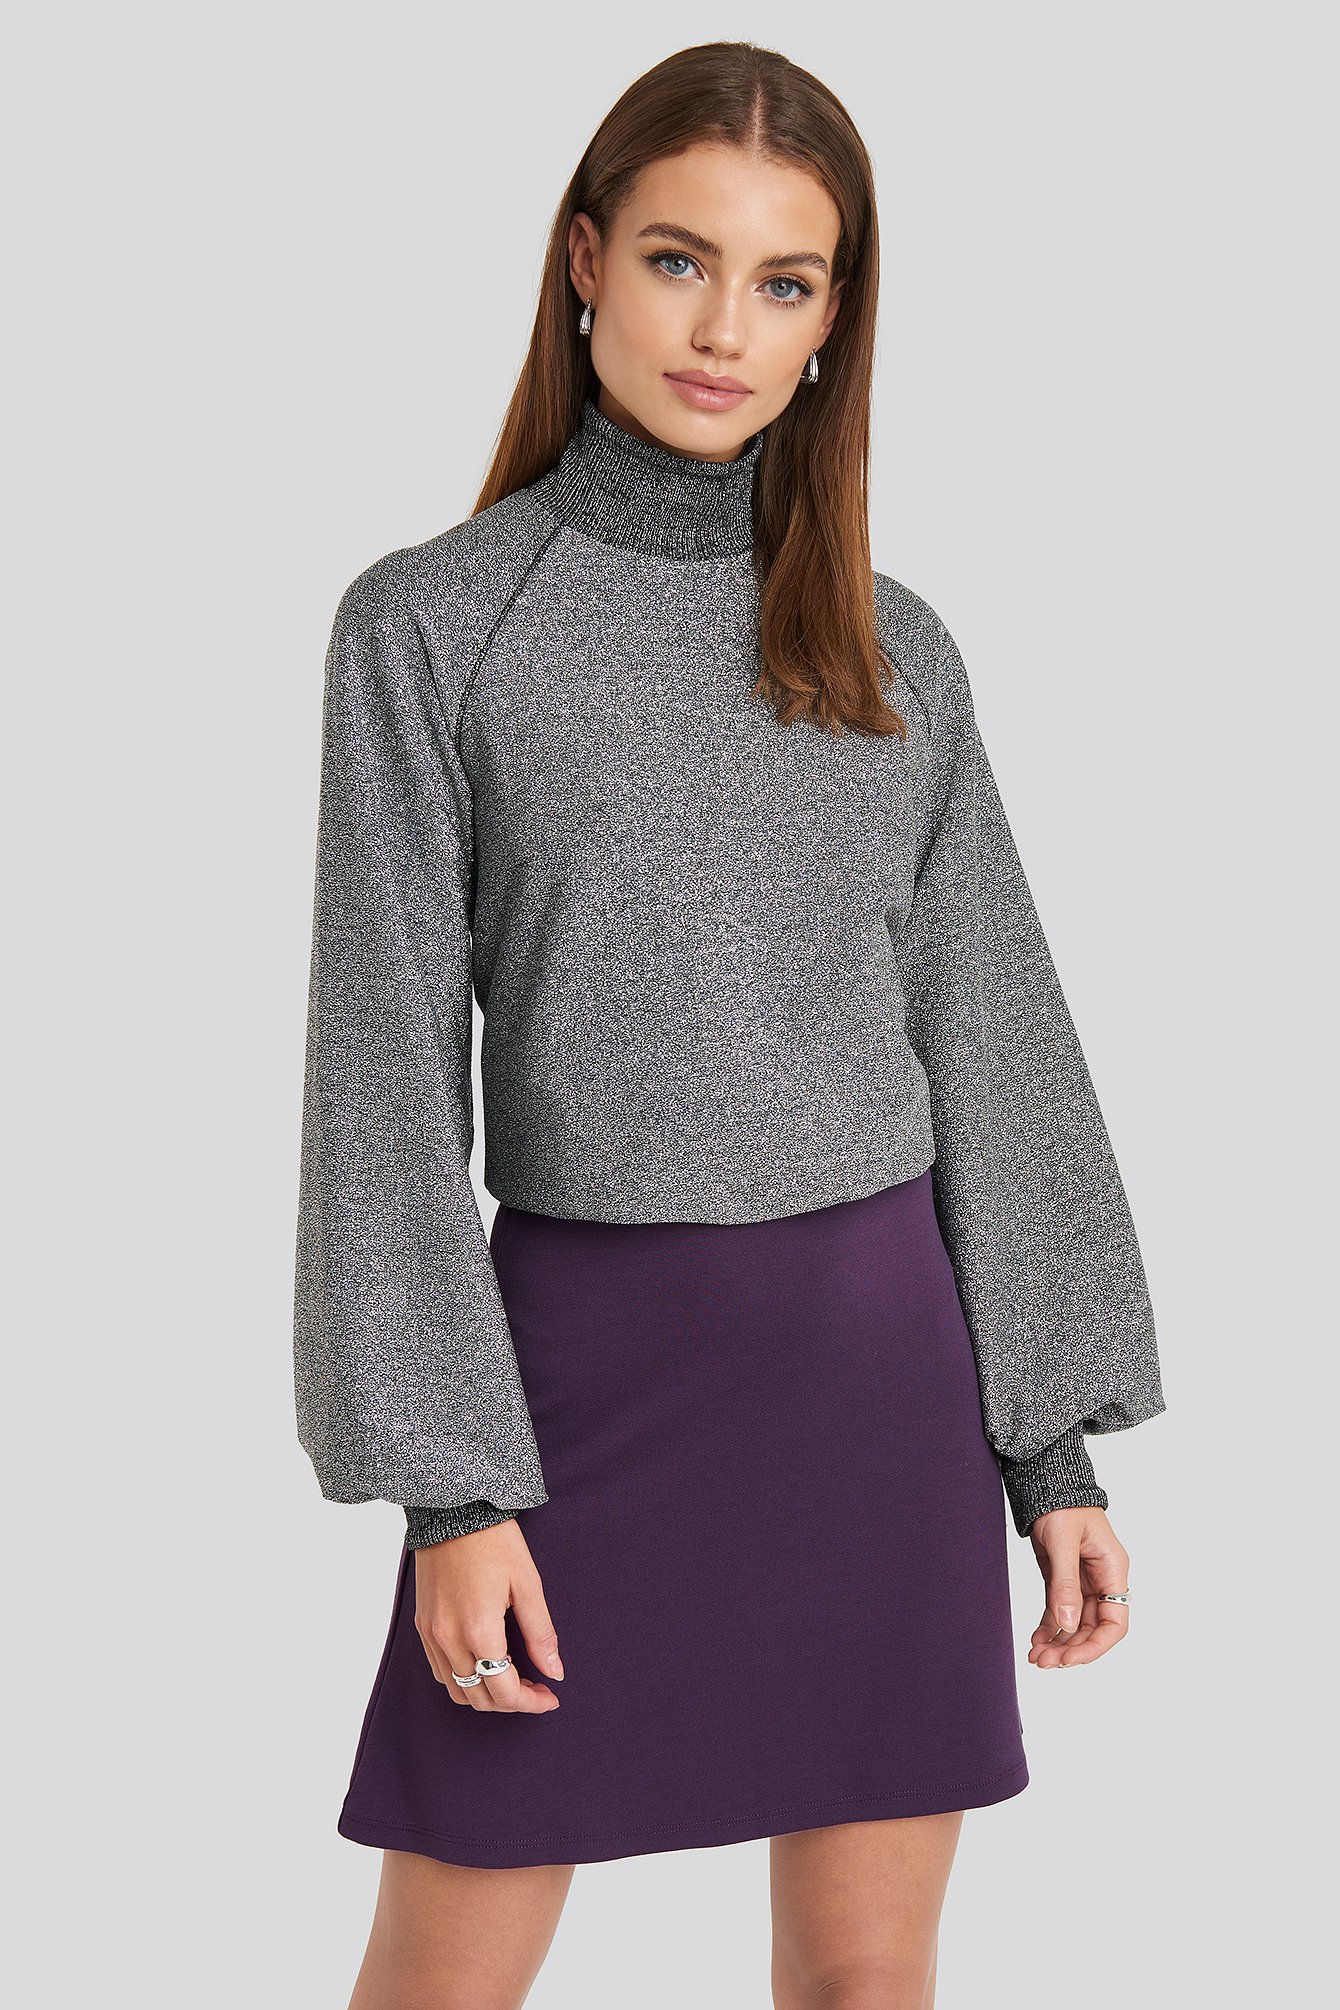 NA-KD Party High Waist A-Line Skirt - Purple